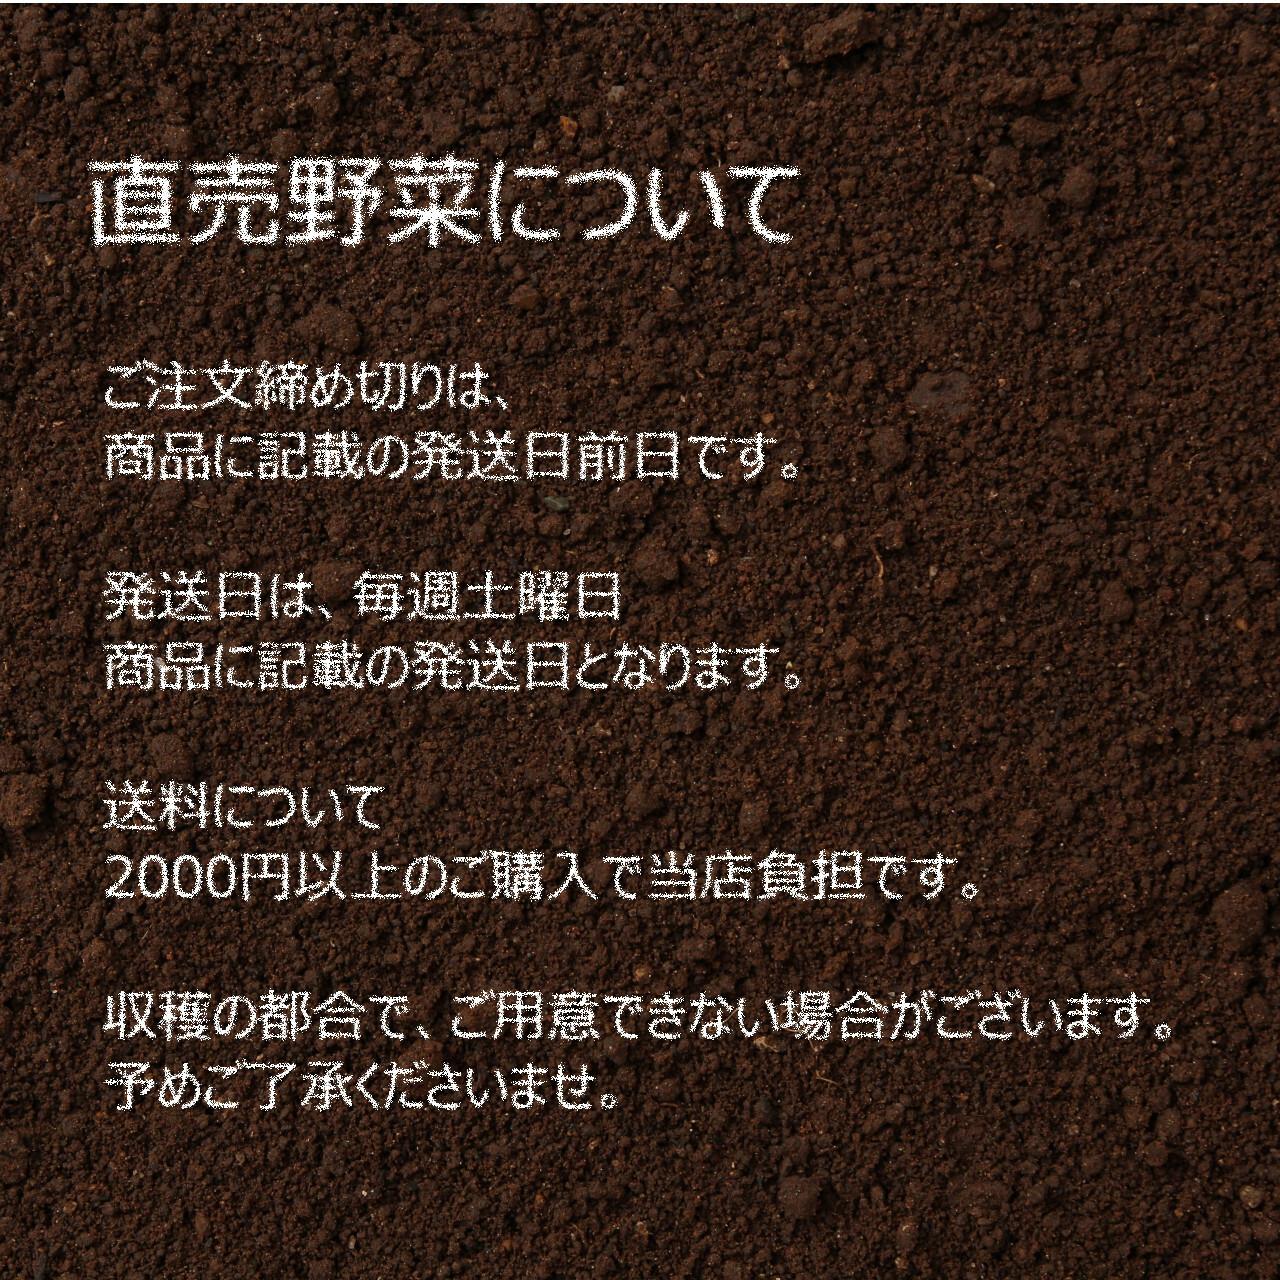 6月の朝採り直売野菜:インゲン 約100g前後 春の新鮮野菜  6月6日発送予定